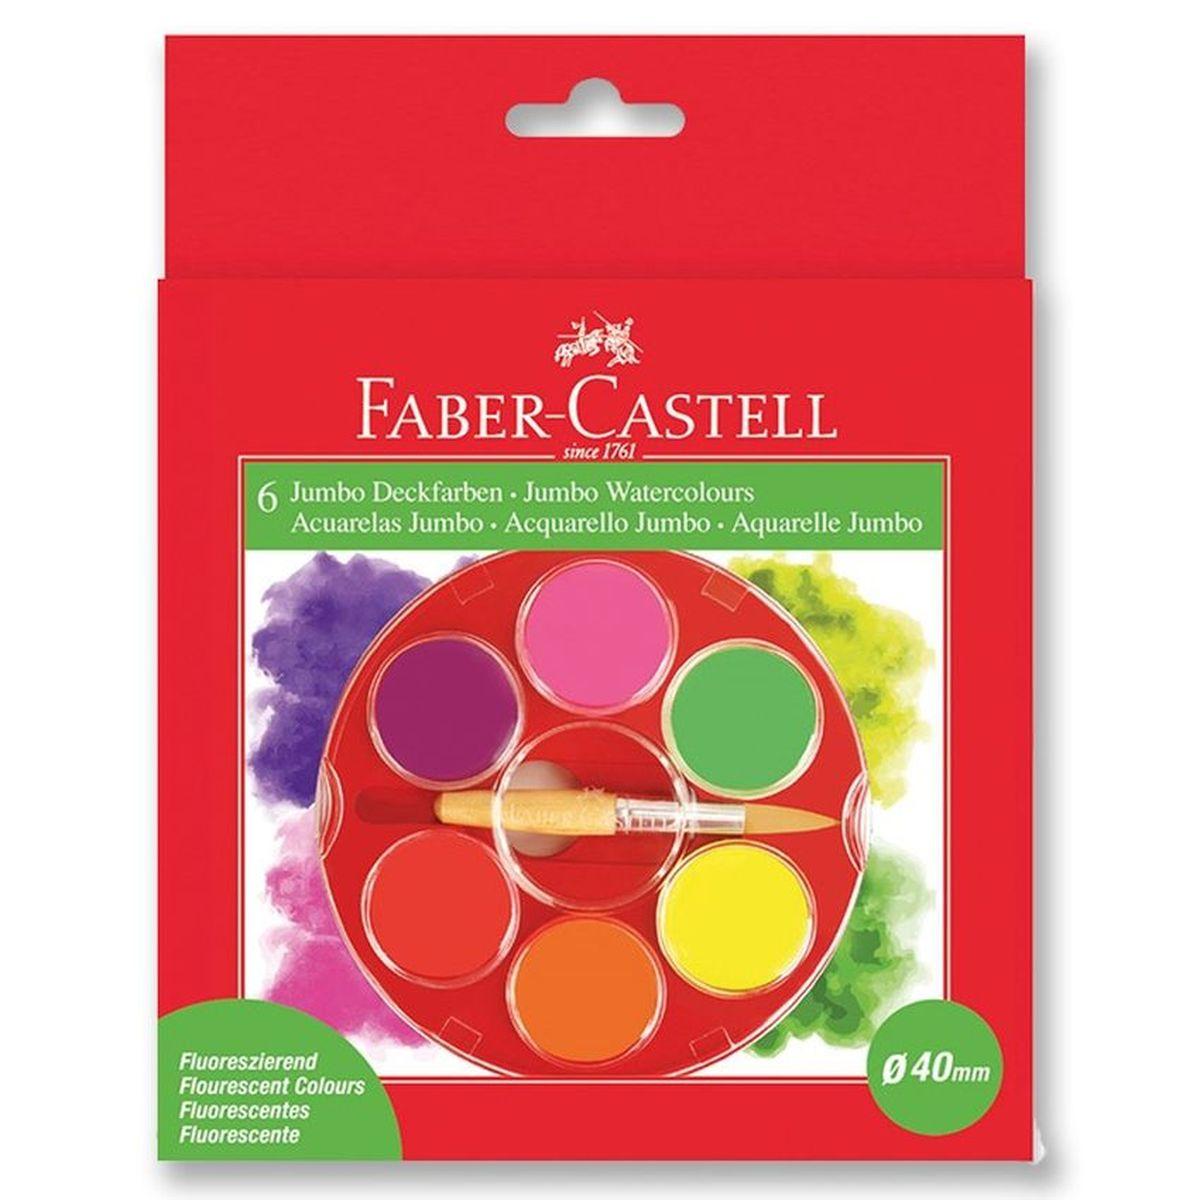 Faber-Castell Акварельные краски Jumbo неоновые 6 штC13S041944Faber-Castell Акварельные краски Jumbo упакованы в кюветы увеличенного диаметра 40 мм. В наборе 6 неоновых цветов.